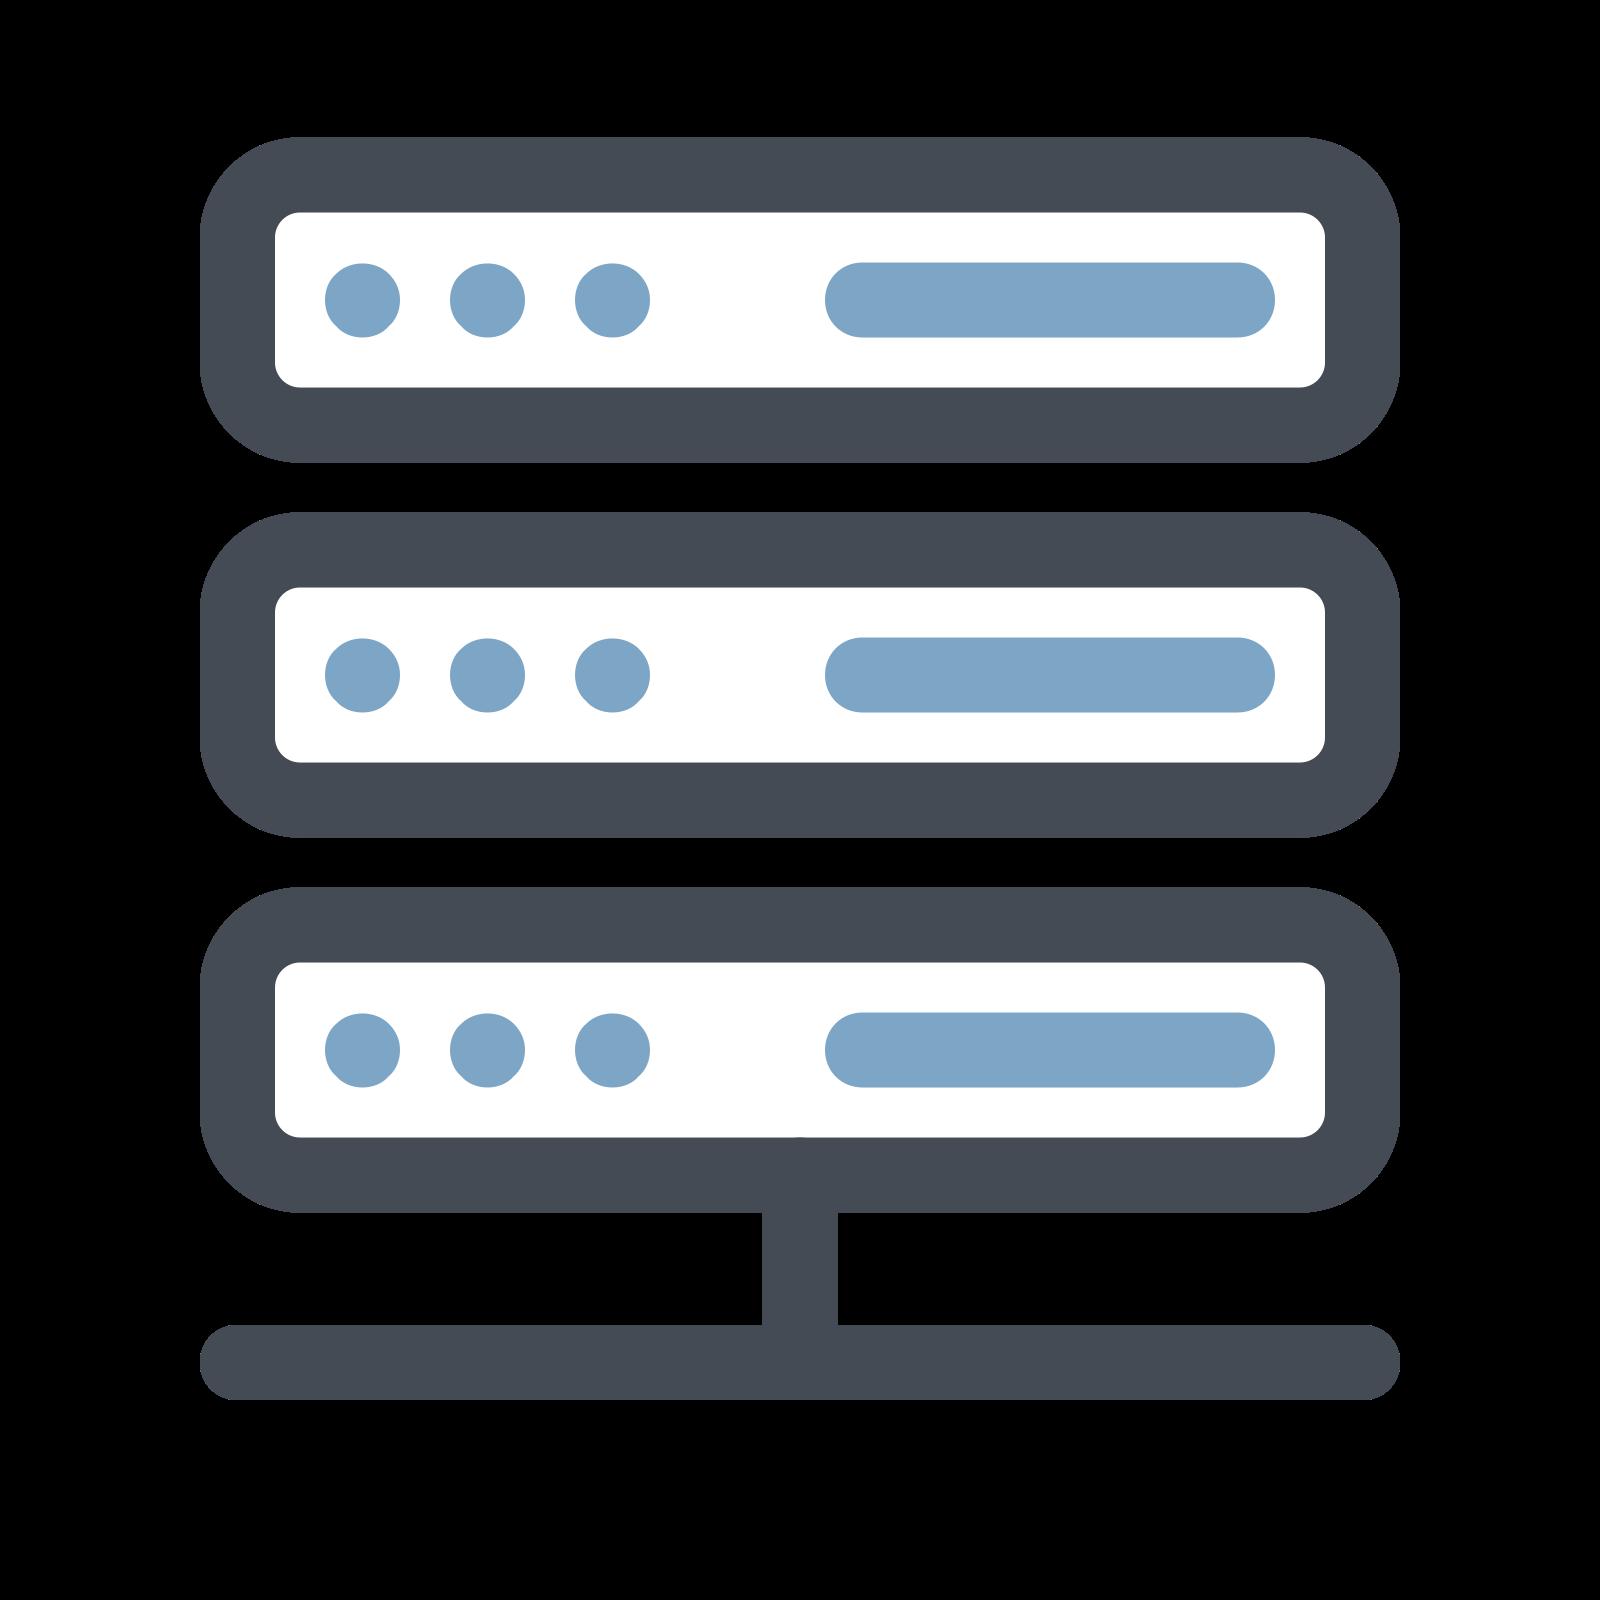 Serwer icon